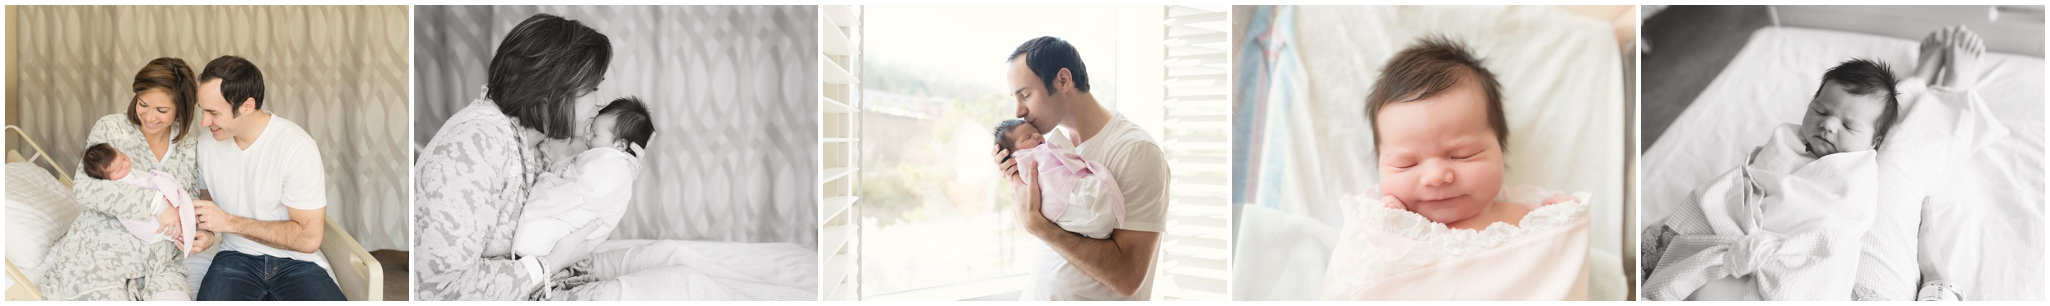 Birmingham-AL-Newborn-Photographer-Rachel-Bond_0090.jpg